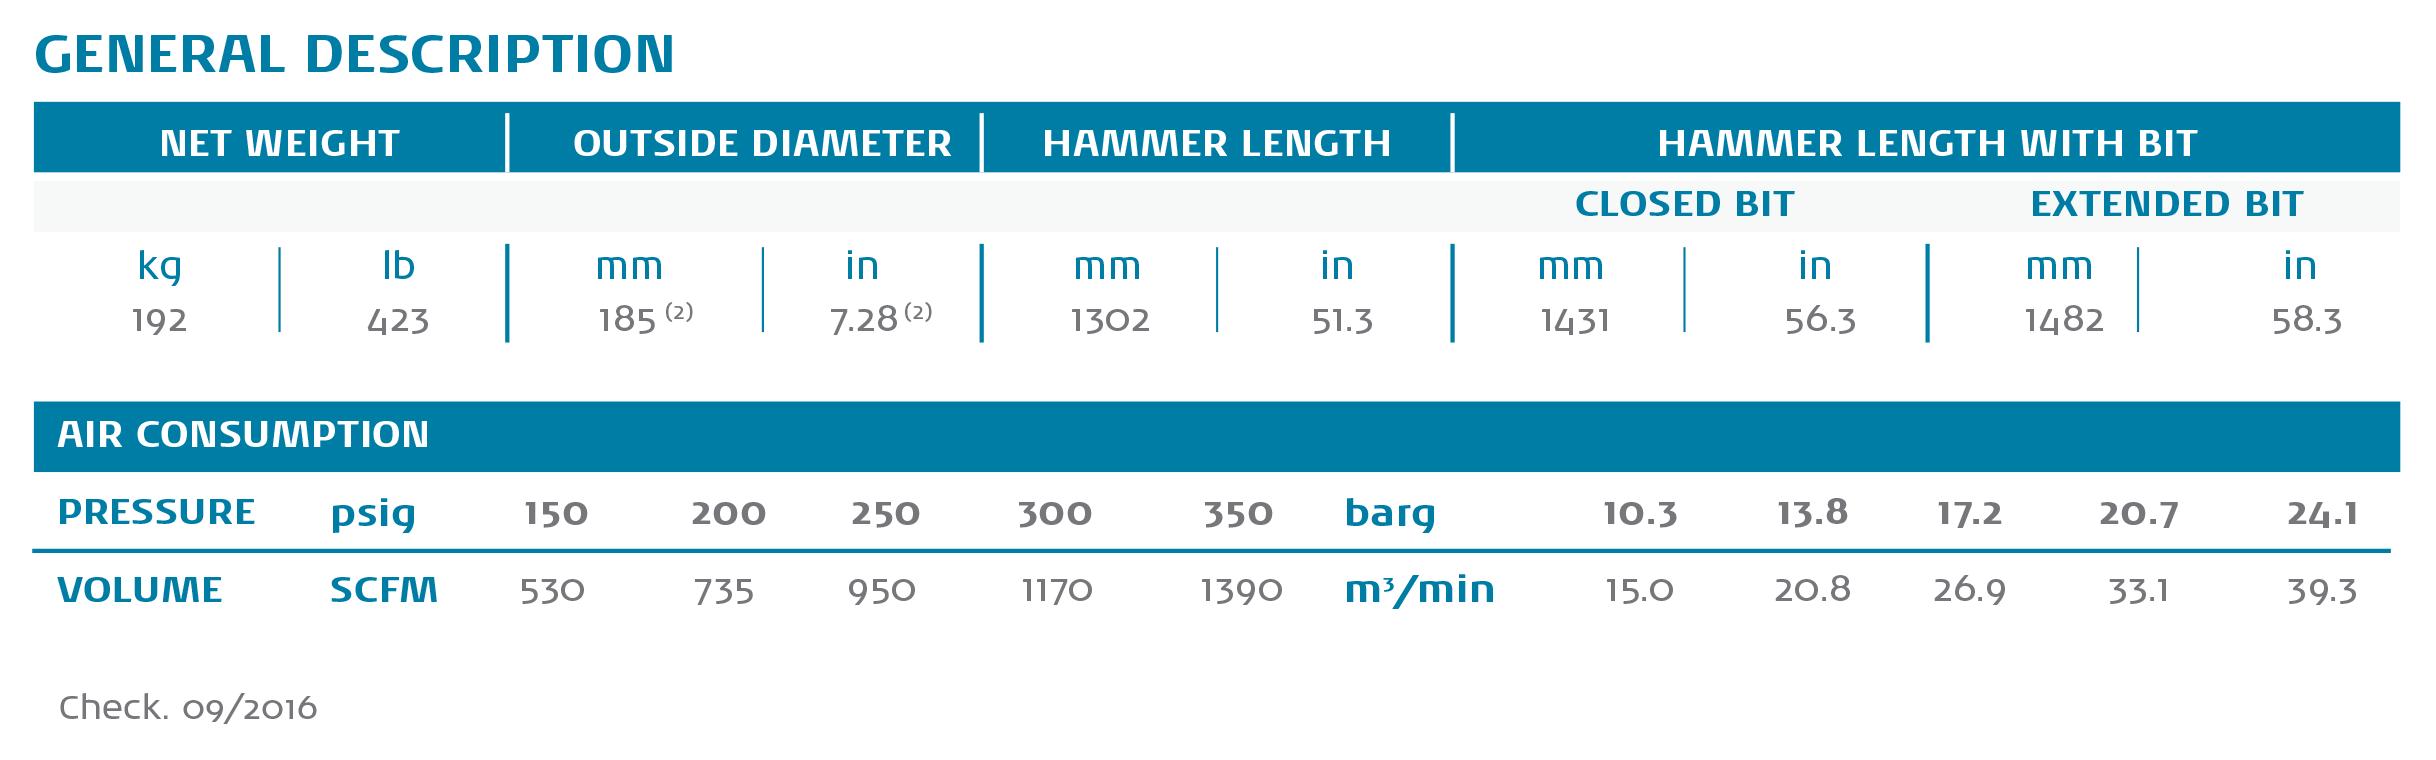 Puma 8.1 General Description DHD-380